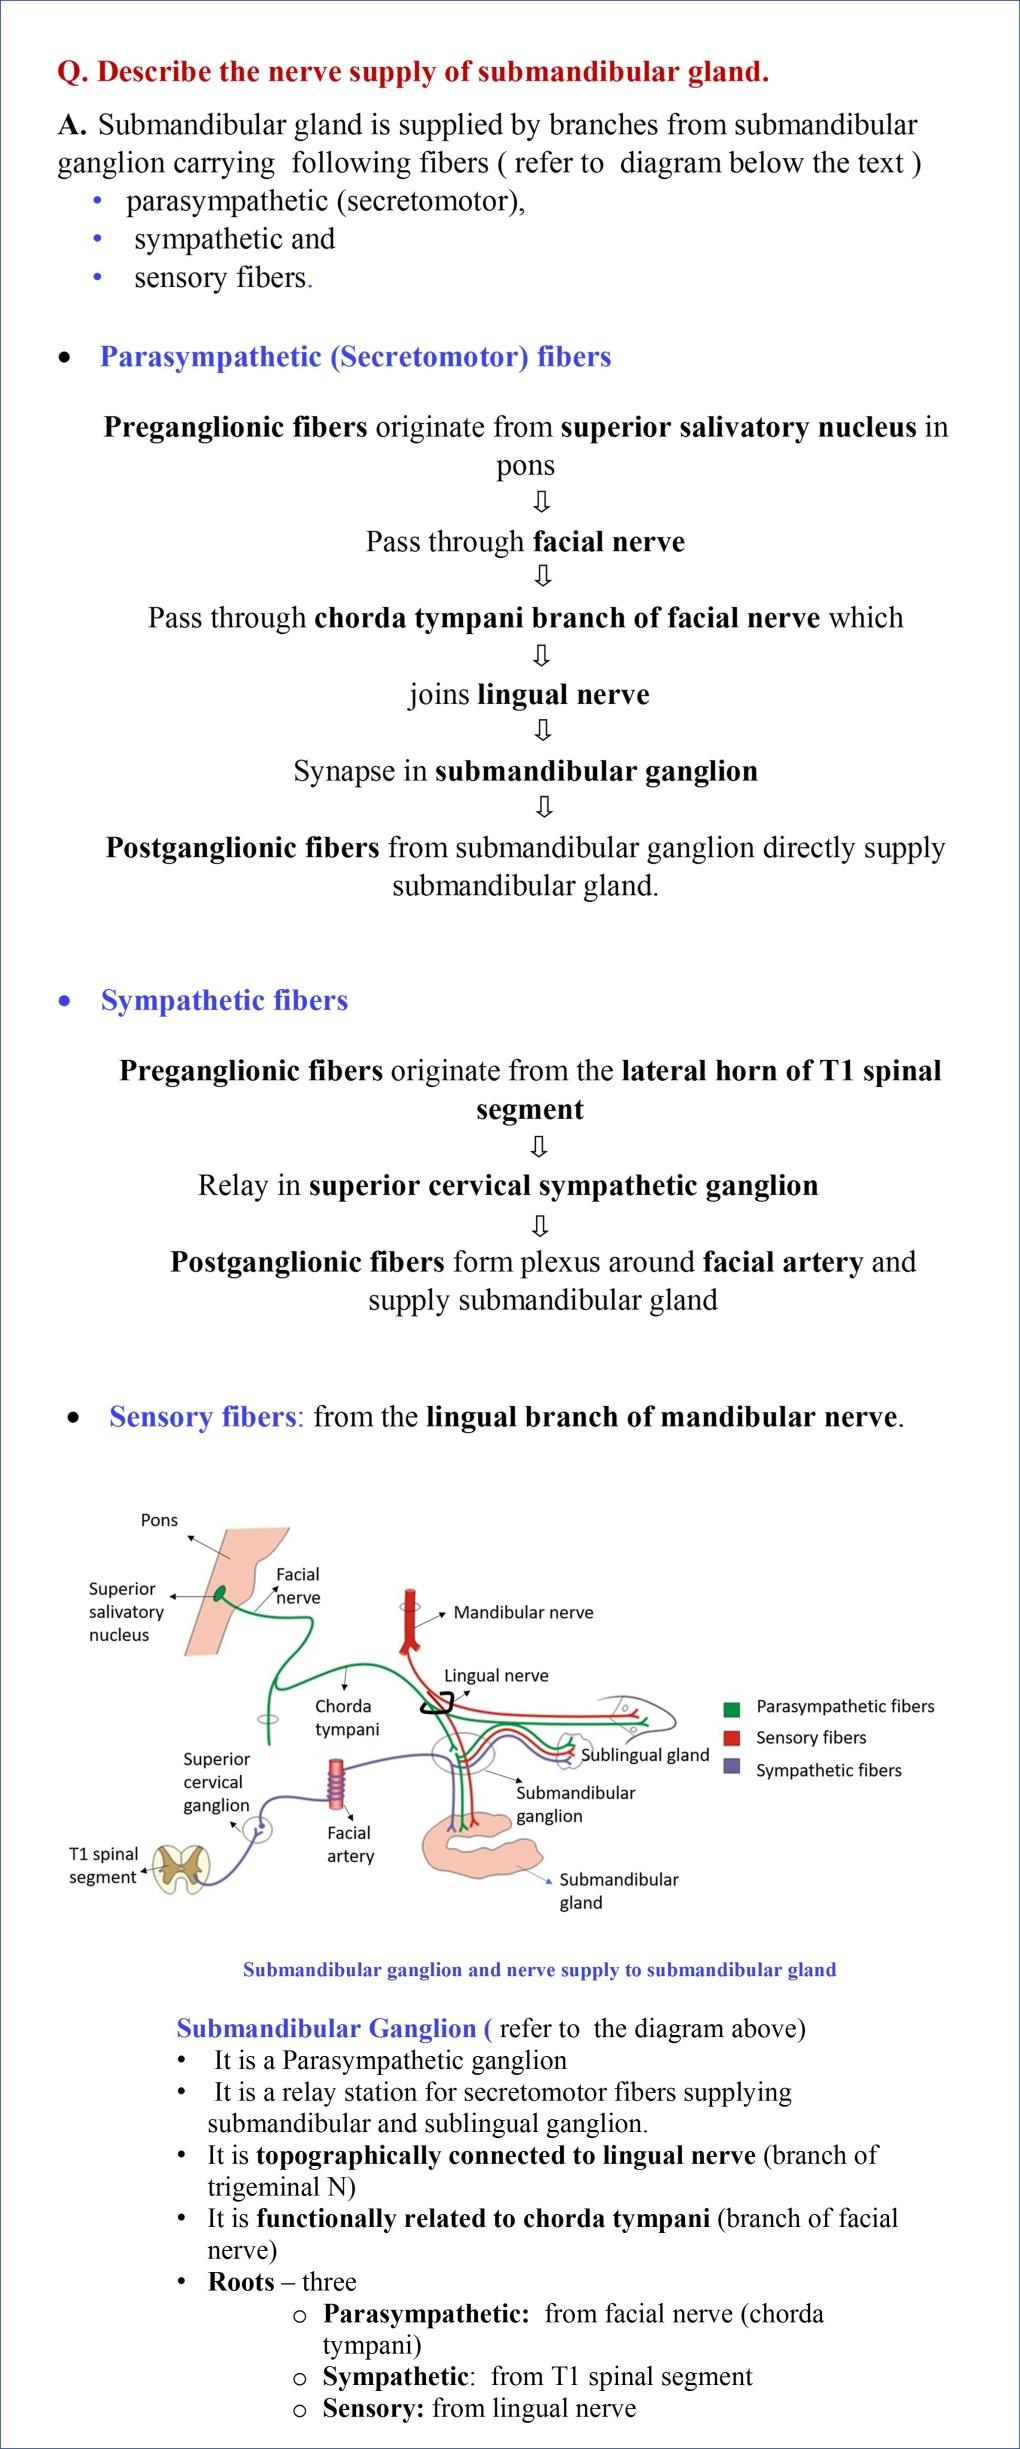 submandibular ganglion and nerve supply of submandibular gland